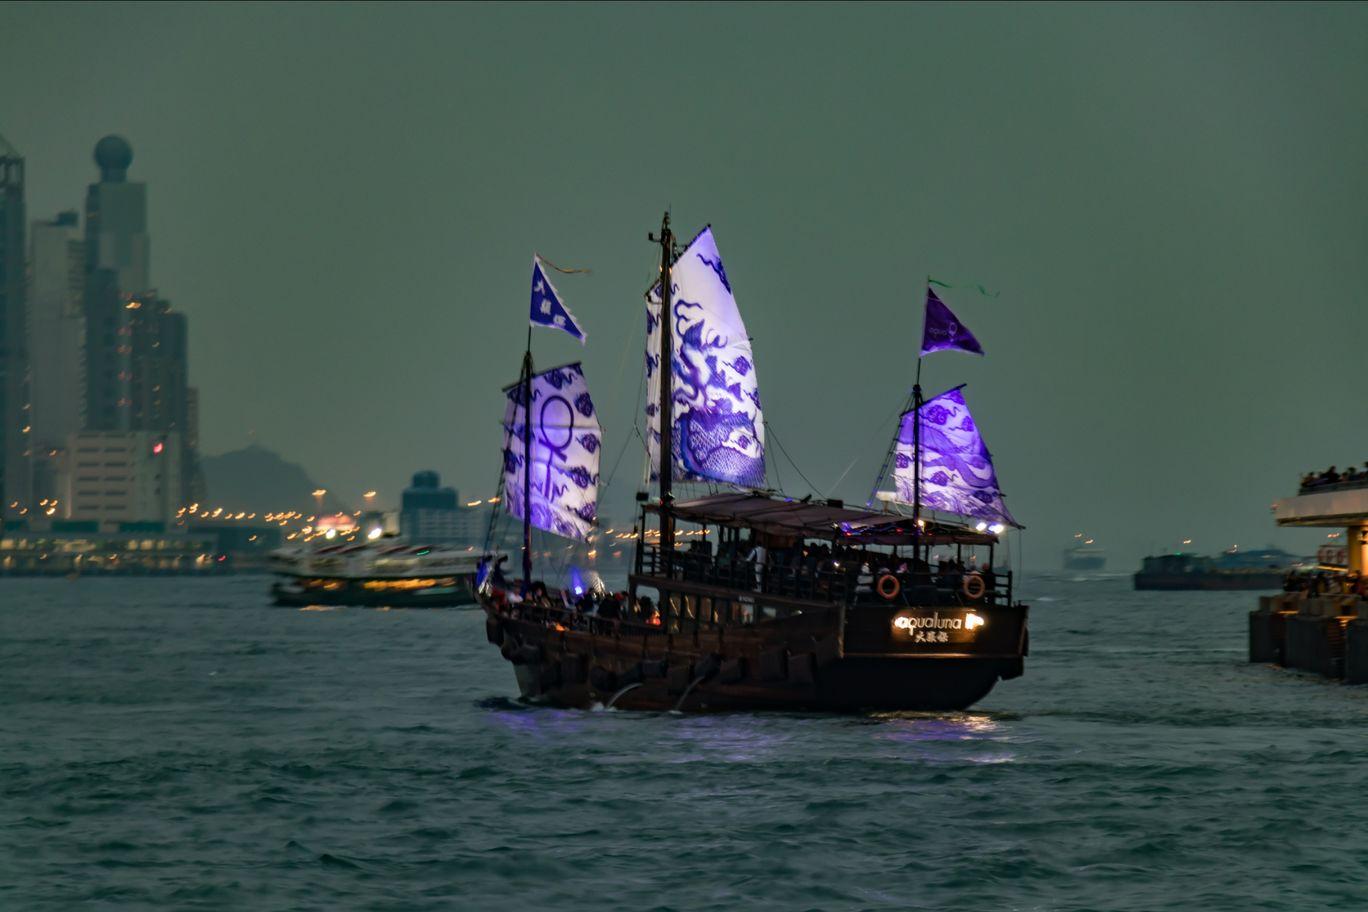 Photo of Hong Kong By shaily gupta